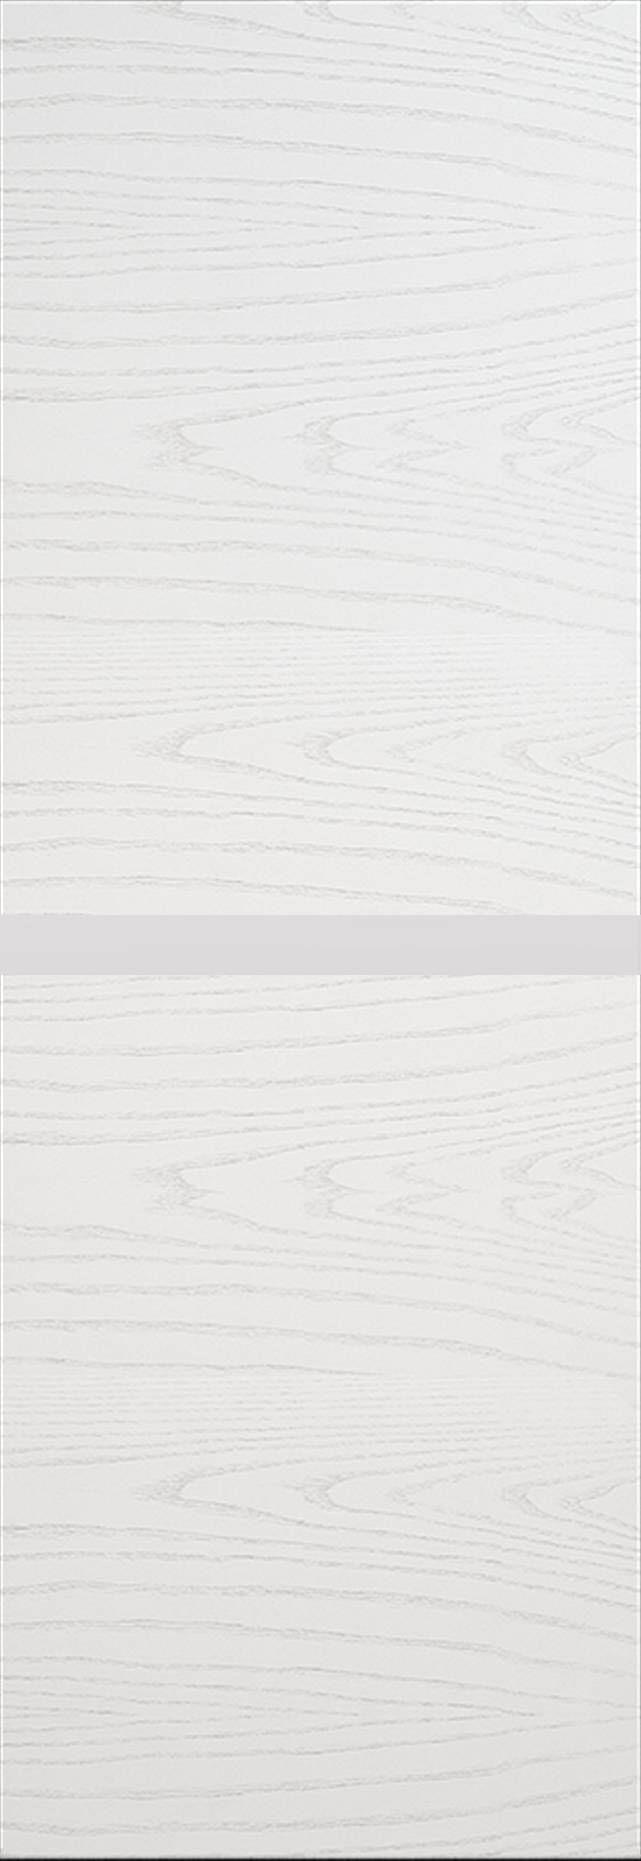 Tivoli Б-4 Invisible цвет - Ясень белая эмаль Без стекла (ДГ)